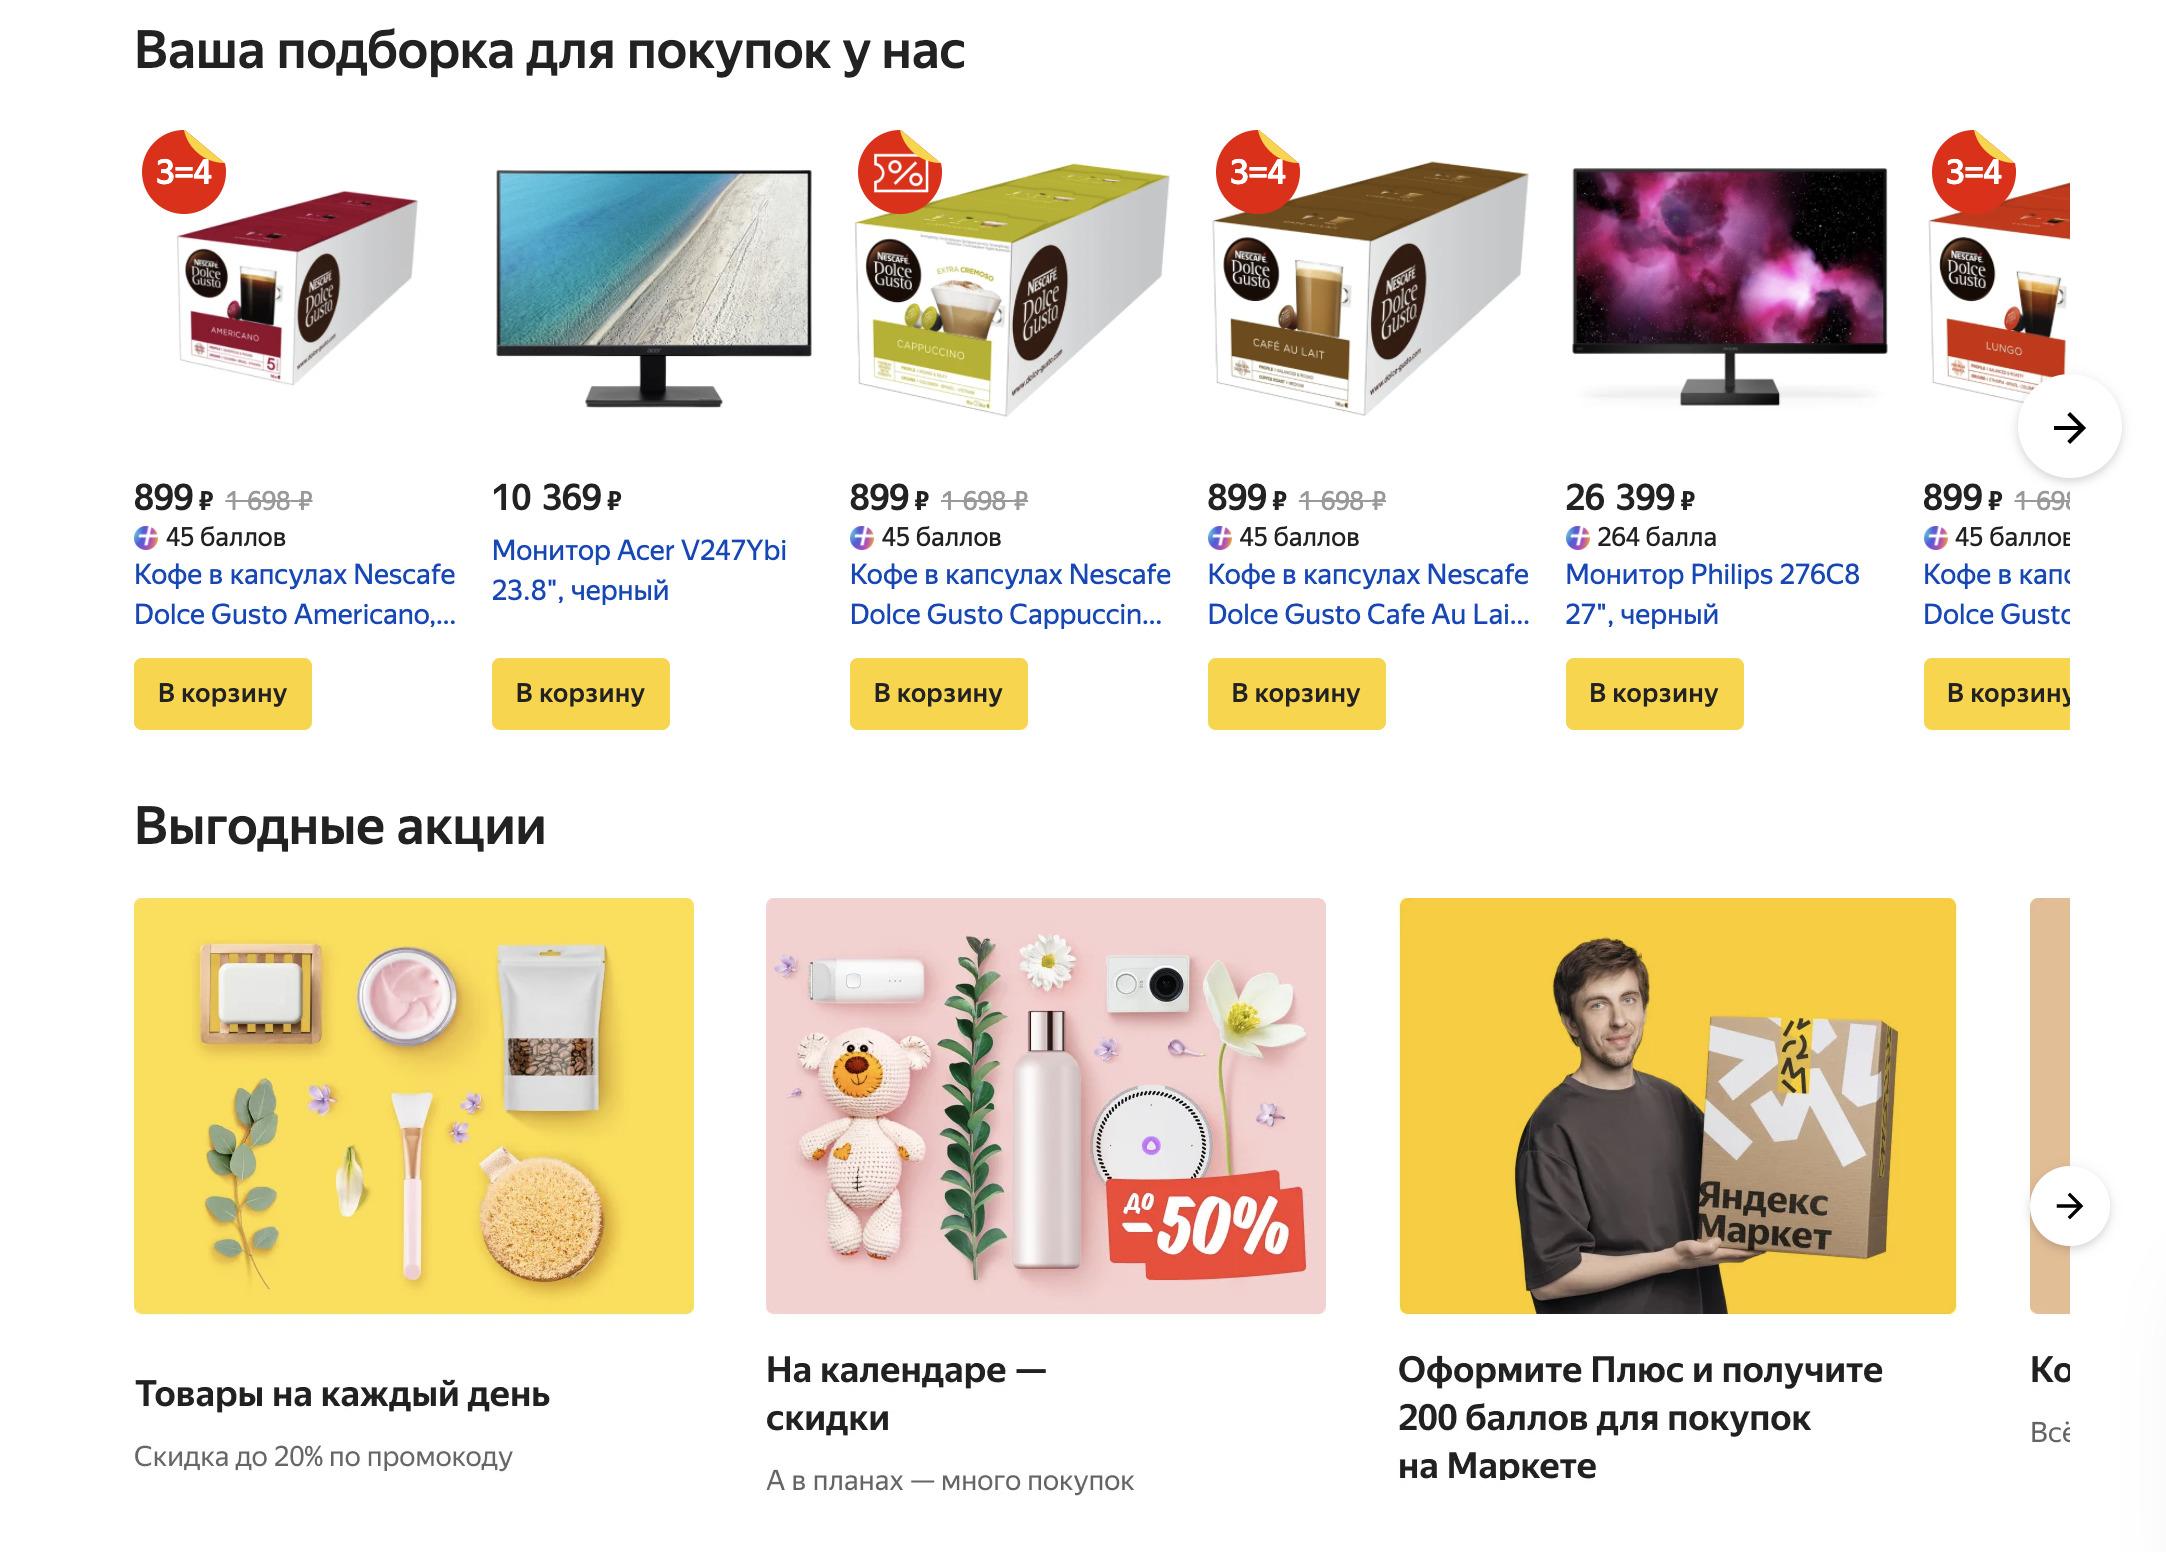 Доставка из Яндекс.Маркет в Забайкальский край, сроки, пункты выдачи, каталог